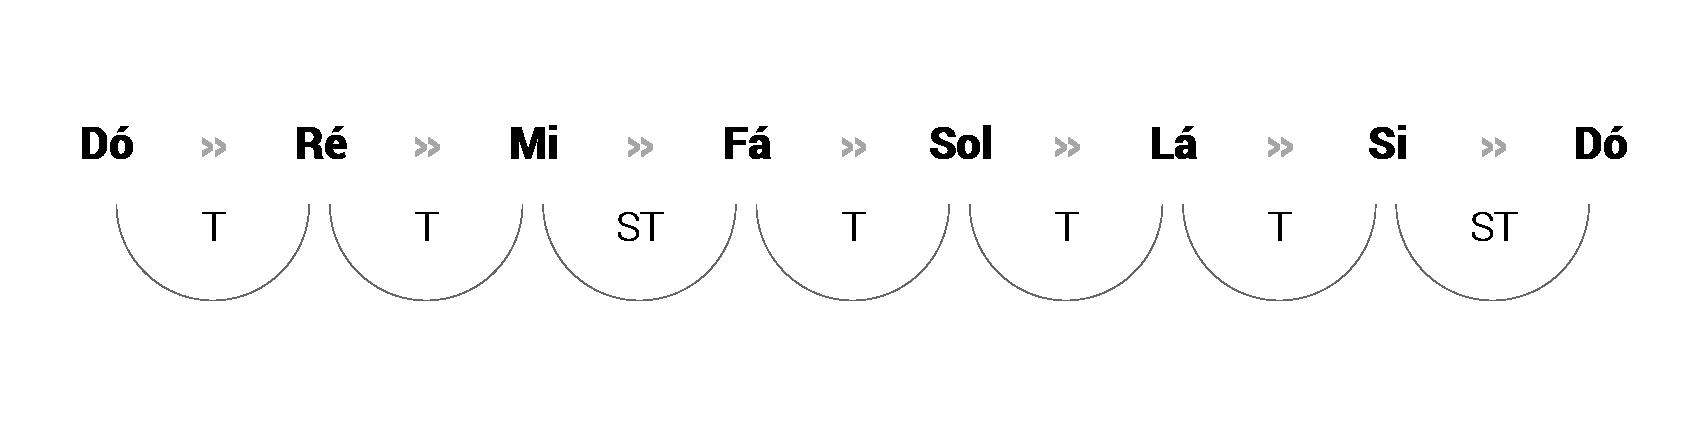 Modos Gregos: Tons e semitons da escala maior (Tônica: Dó)